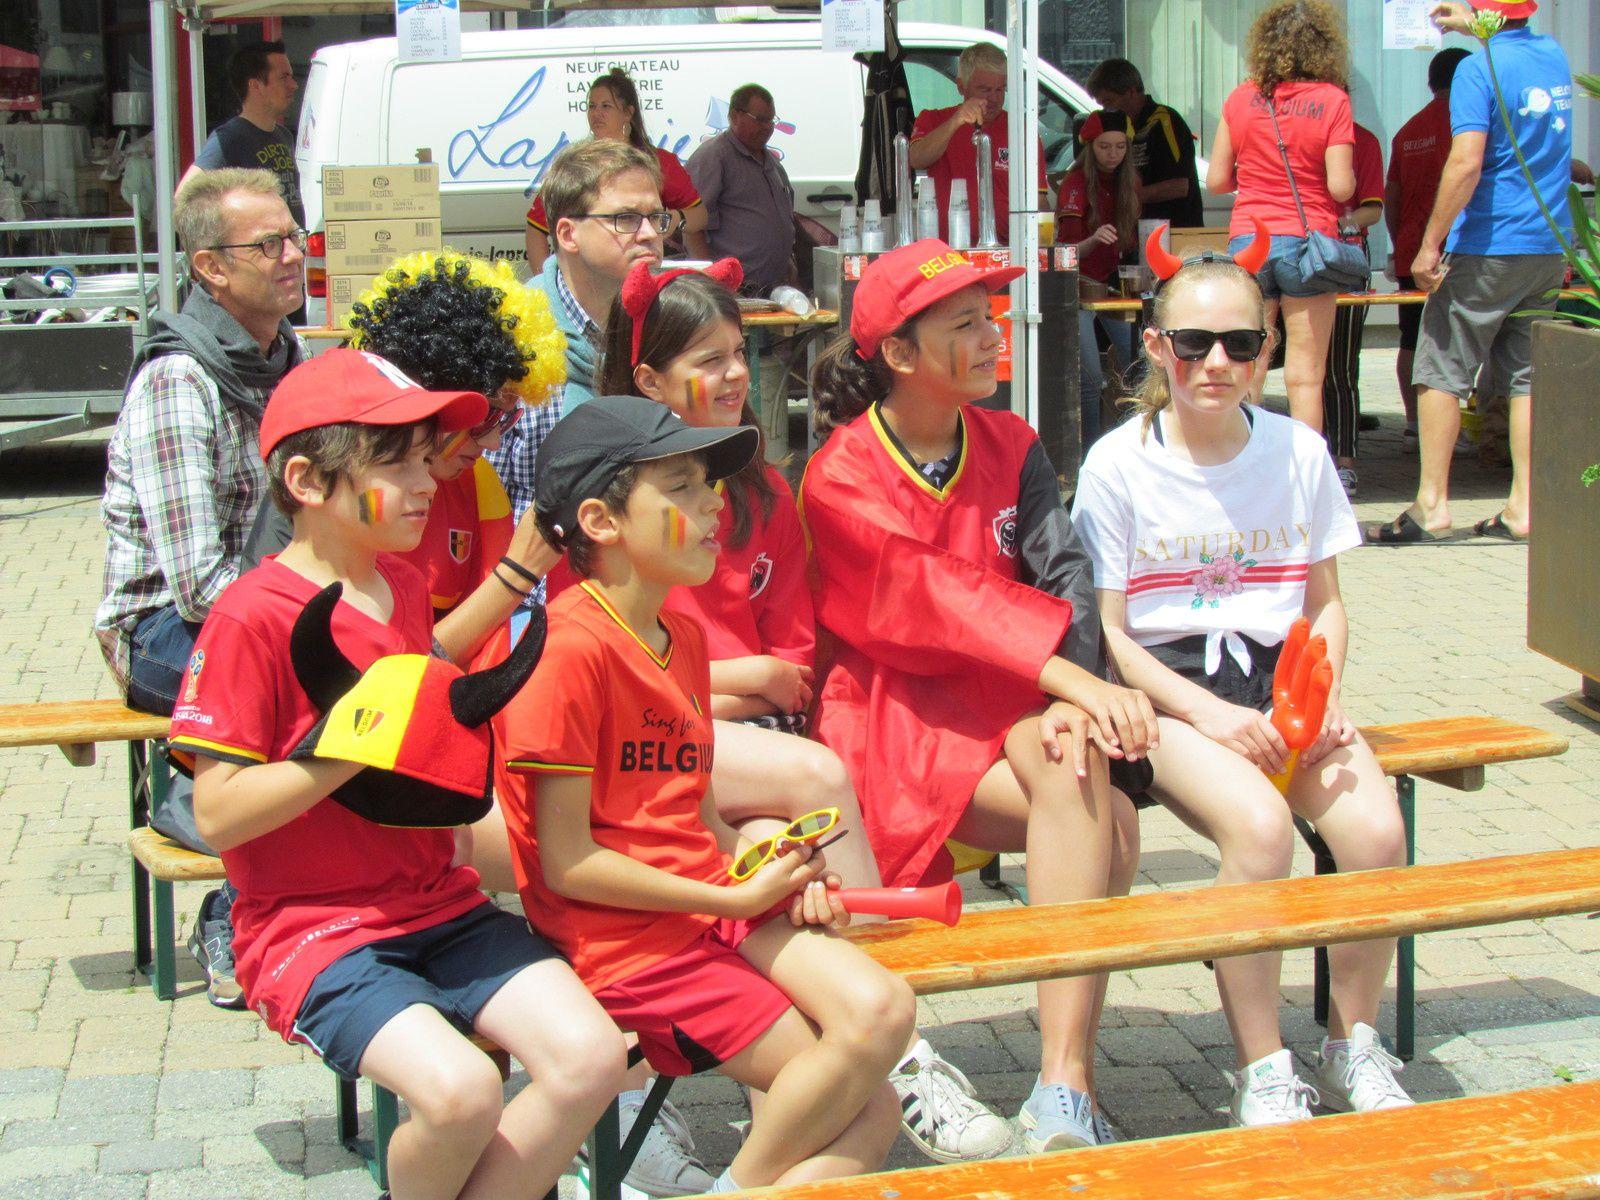 BELGIQUE 5-2 TUNISIE